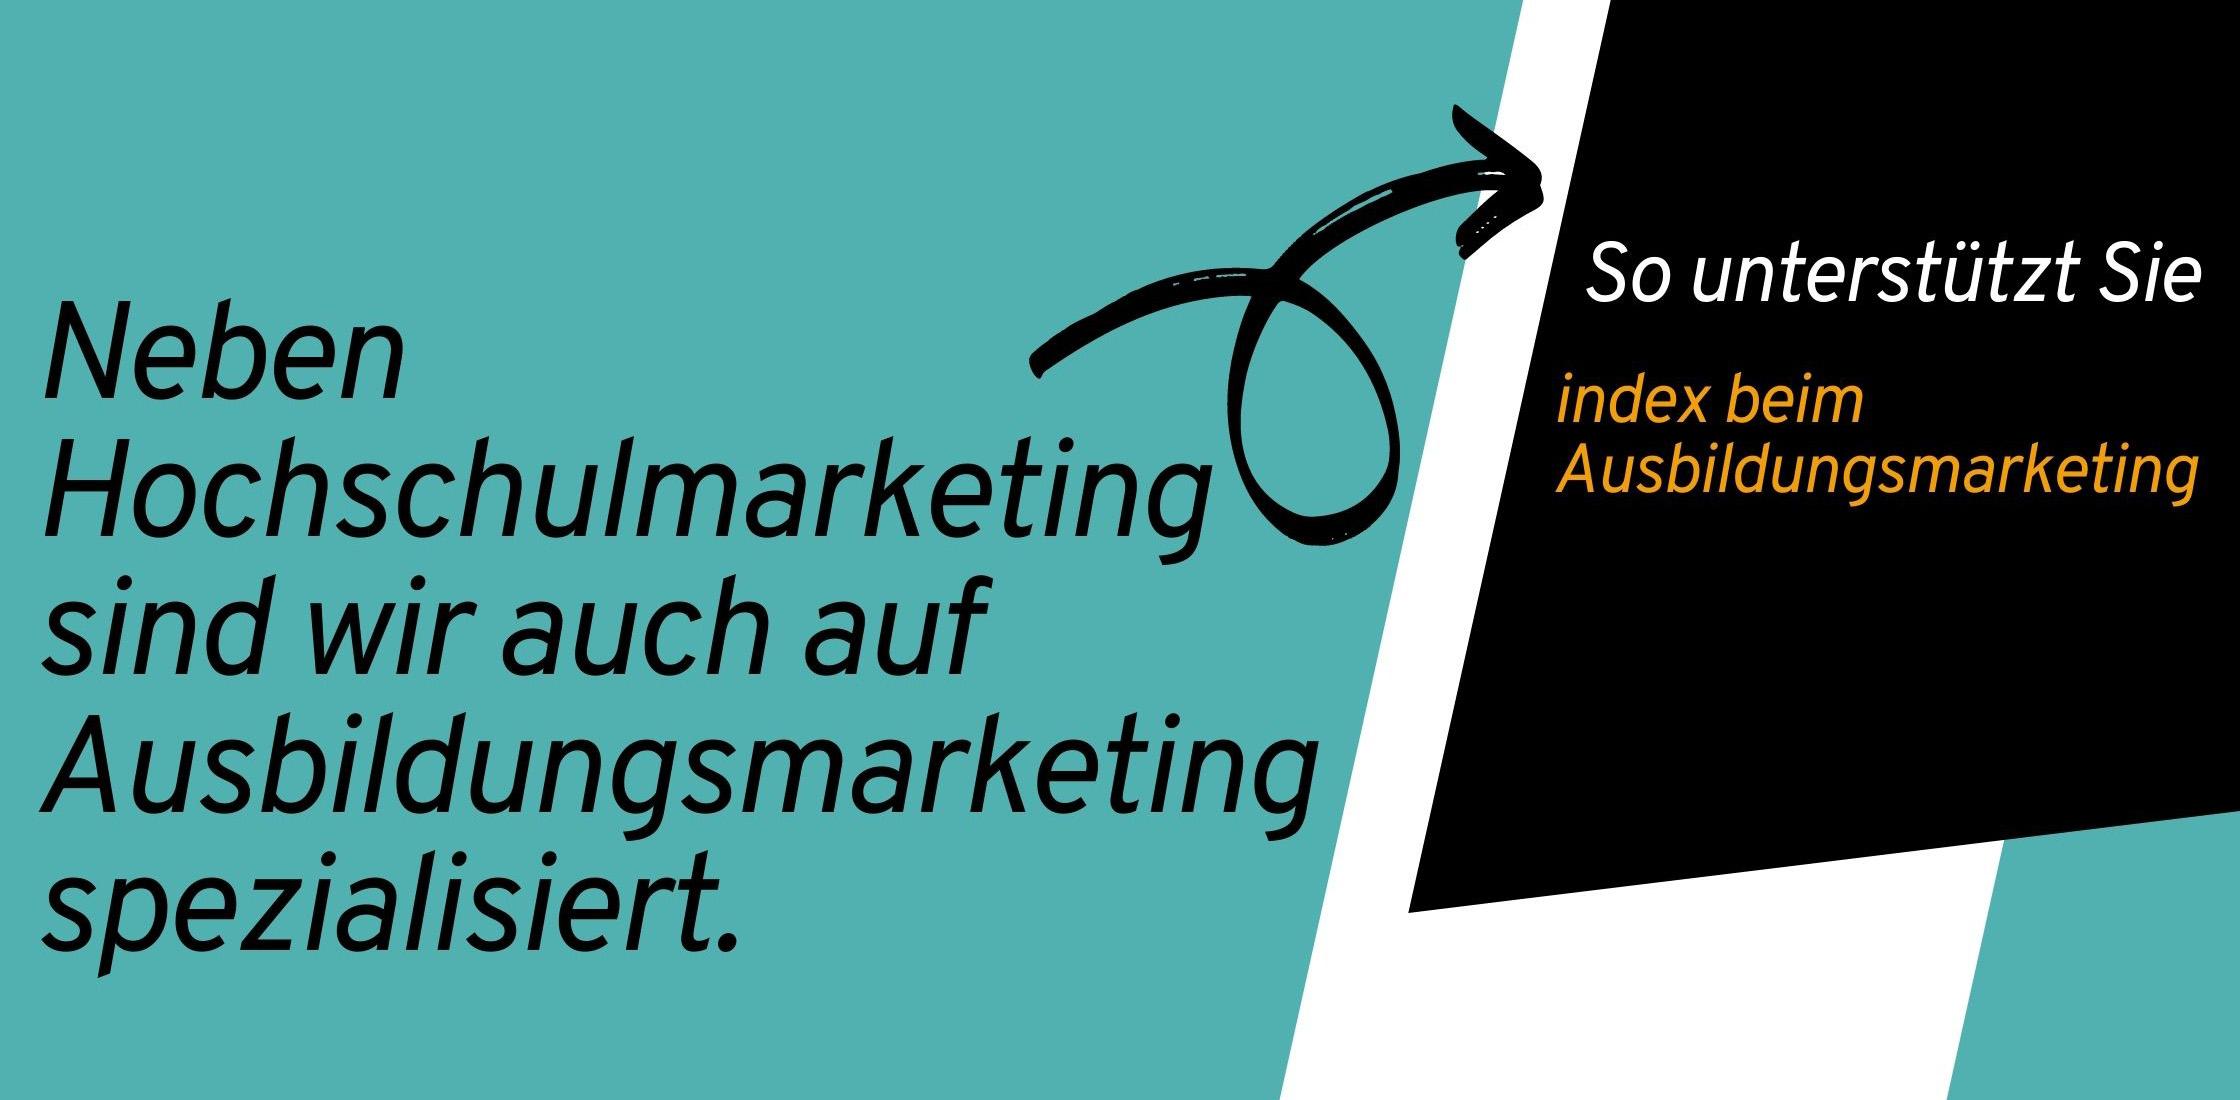 index ausbildungsmarketing Banner